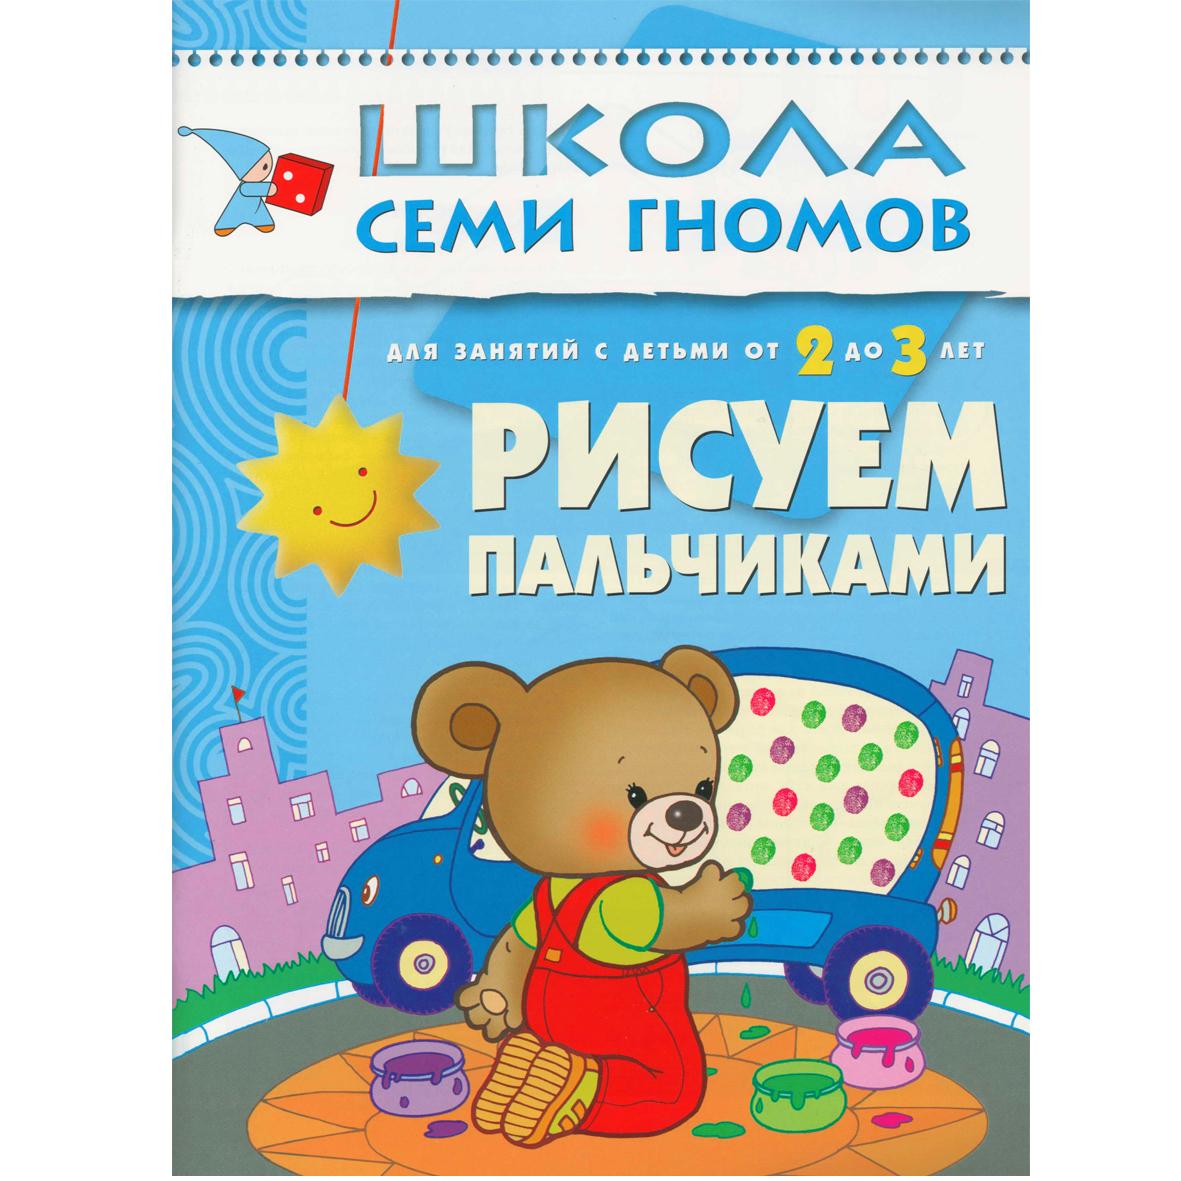 Рисуем пальчиками: Для занятий с детьми от 2 до 3 лет